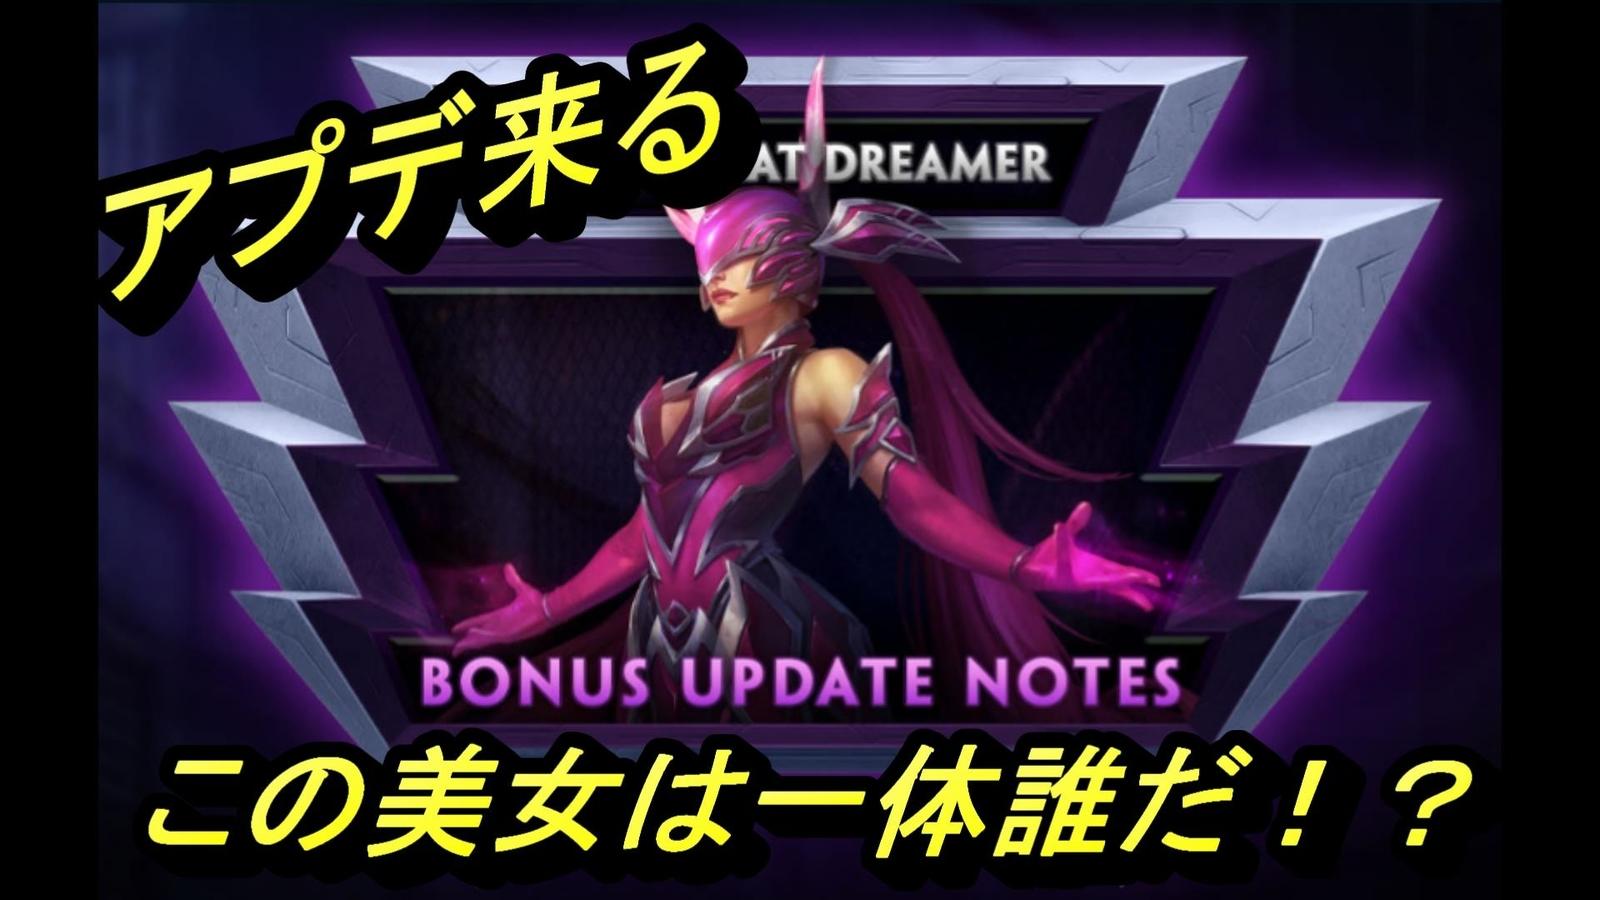 SMITE実況解説ボーナスアップデートノート7.6